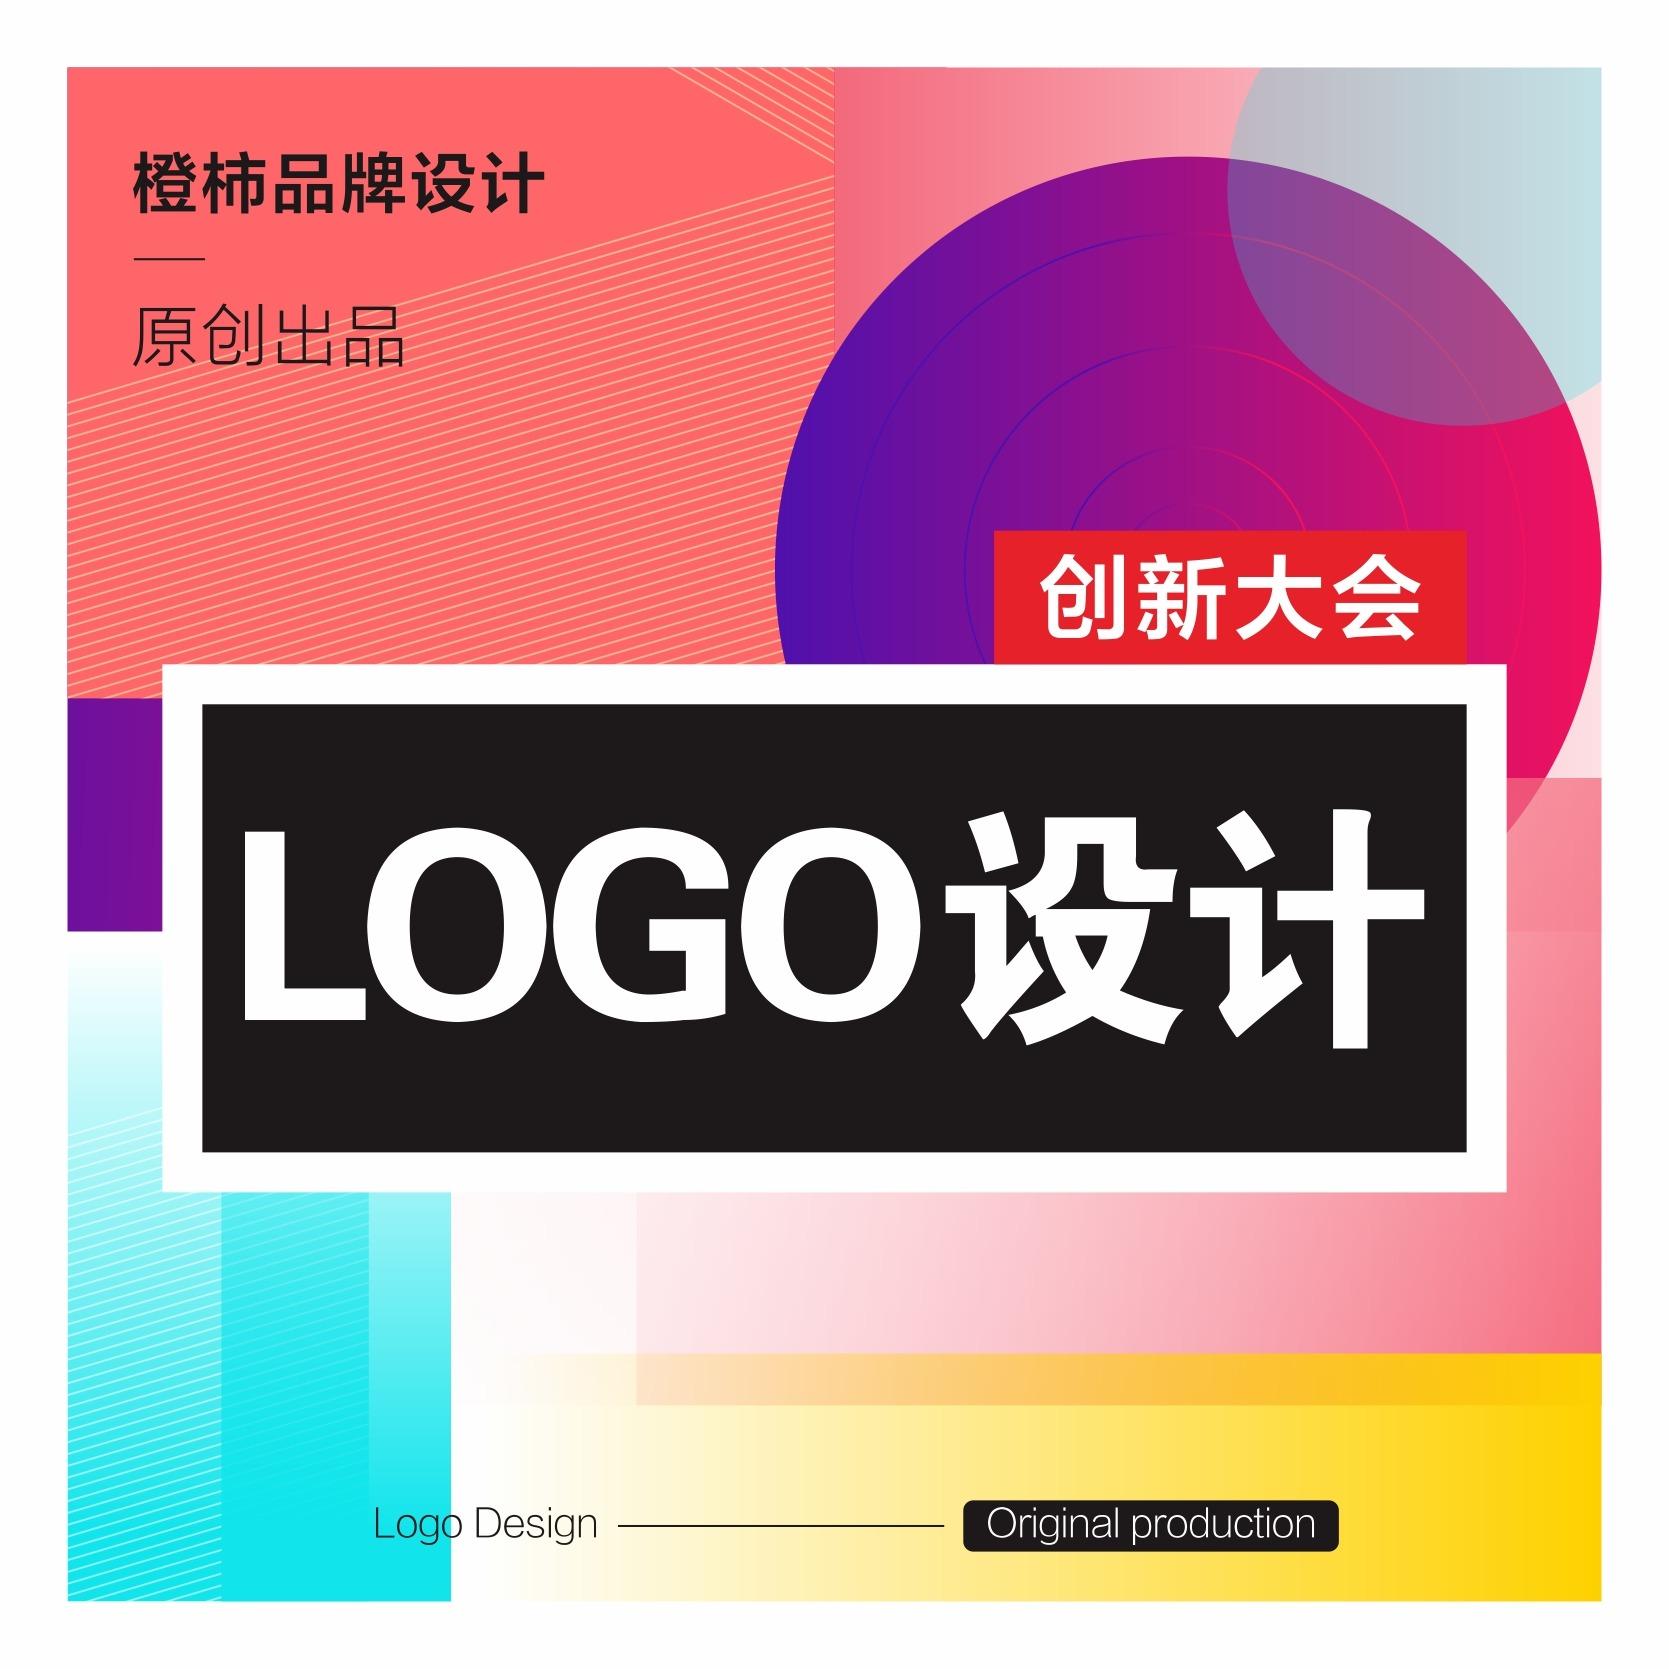 酒馆快餐民宿宠物店甜品店生物科技环保Logo原创设计